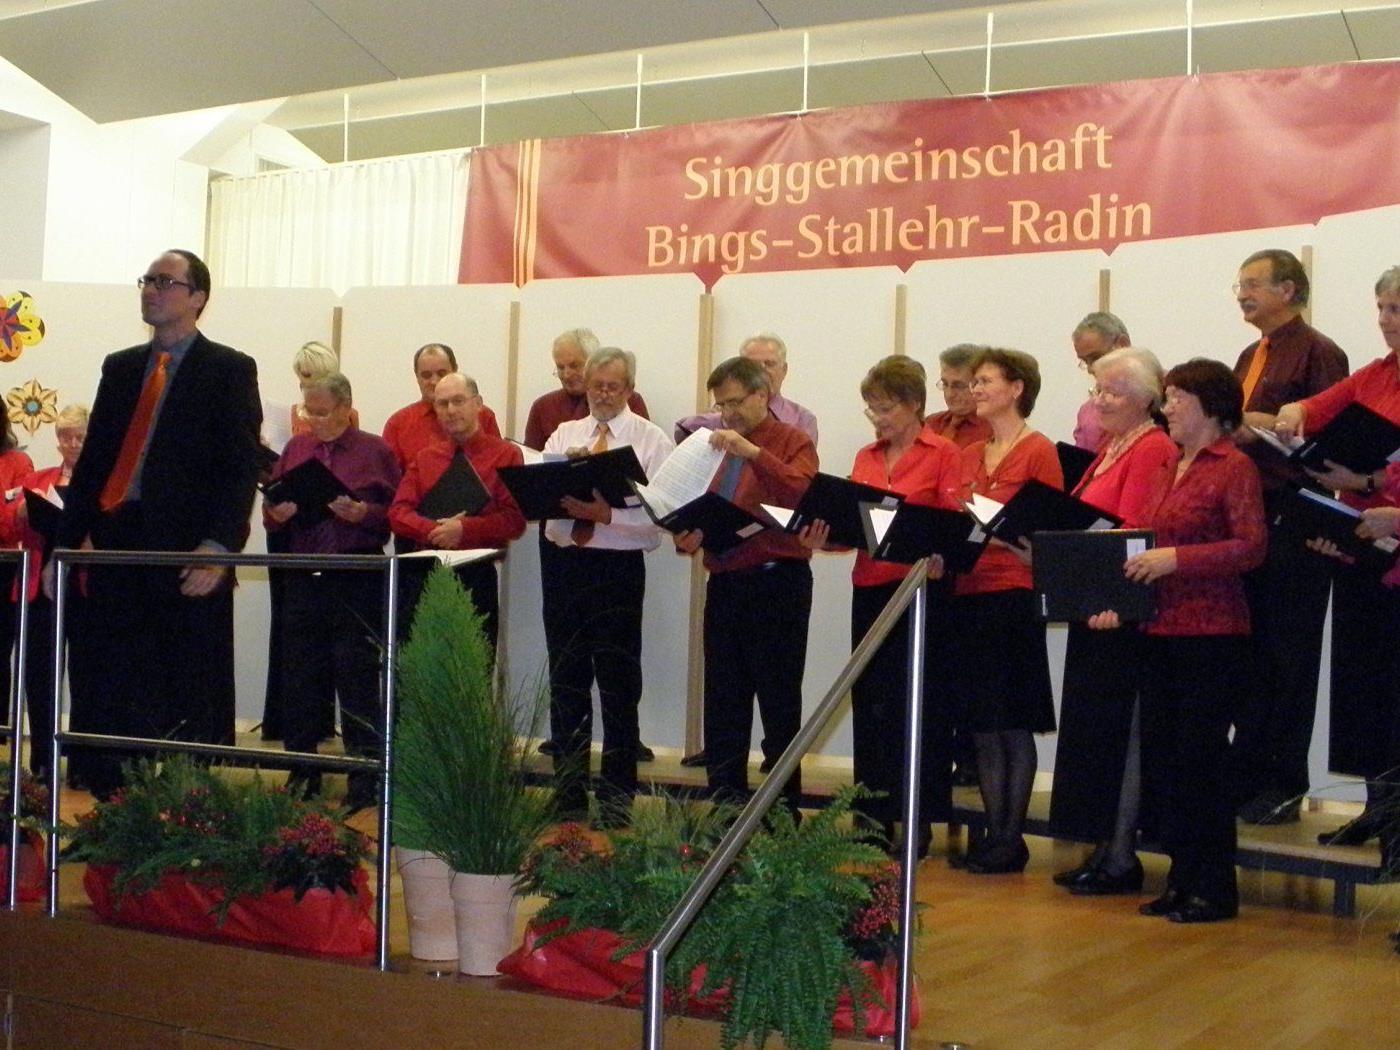 Die Singgemeinschaft präsentierte ein abwechslungsreiches Jubiläumsprogramm